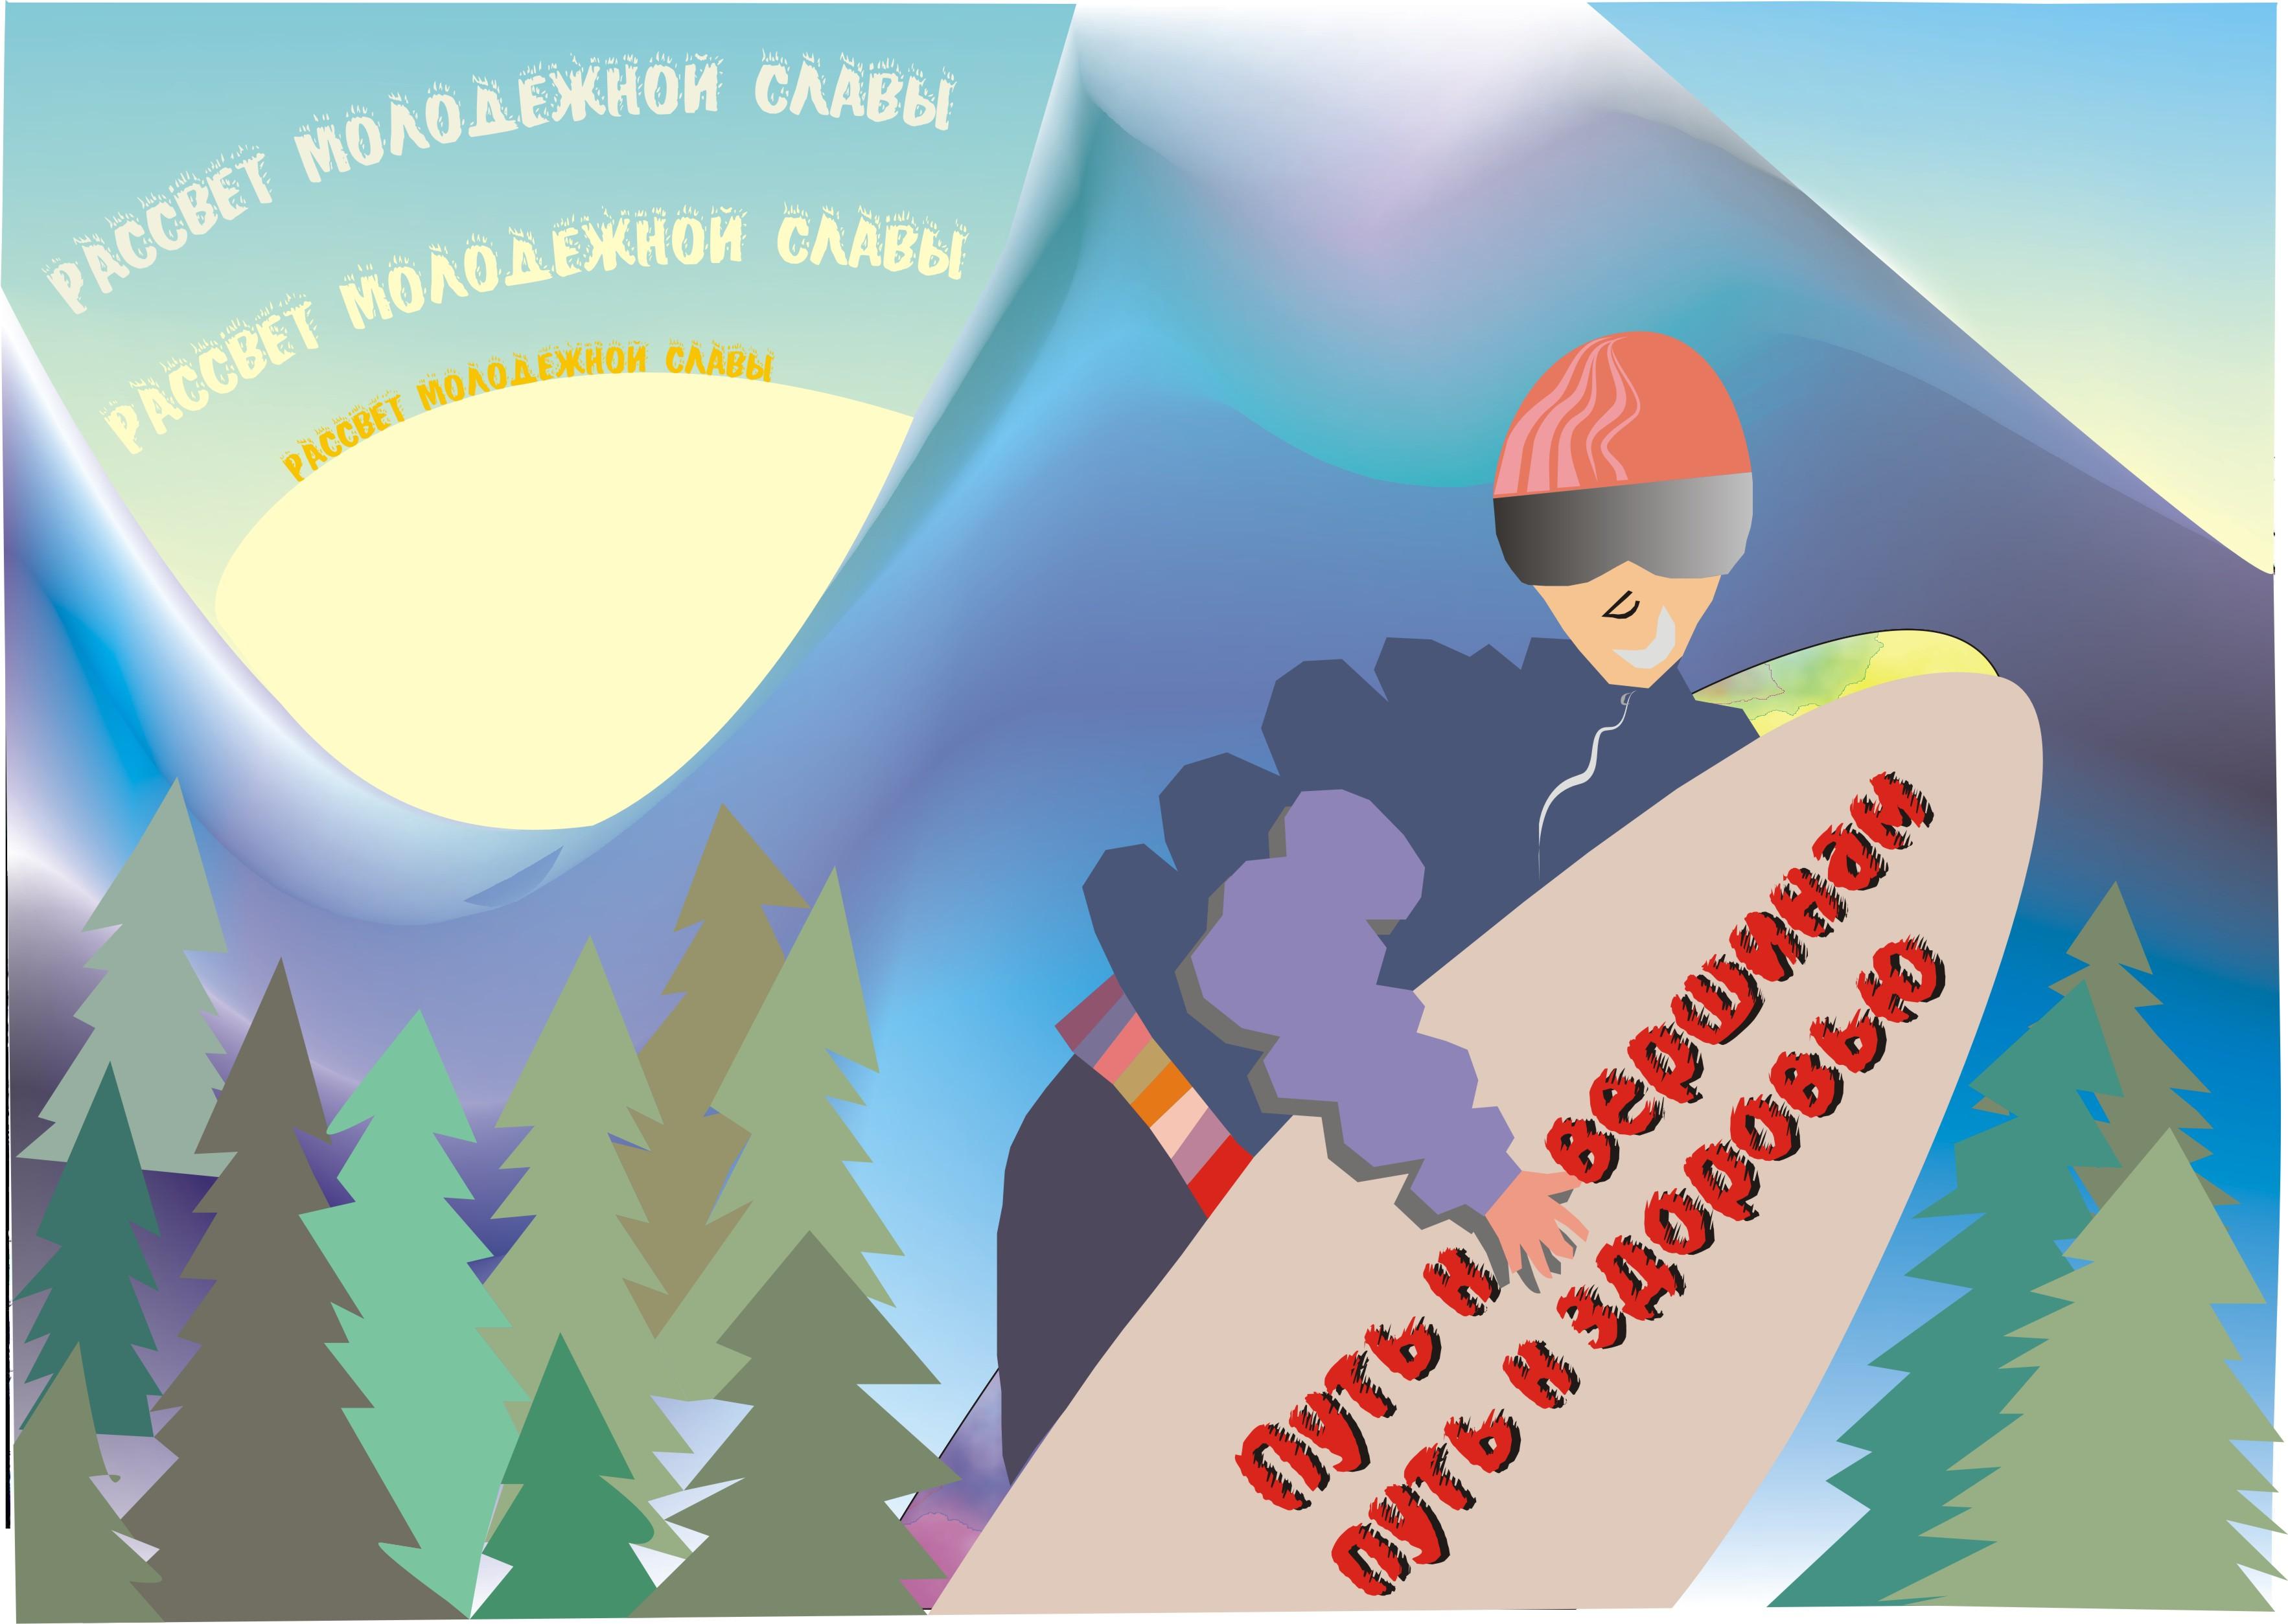 плакат о здоровом образе жизни среди молодежи.